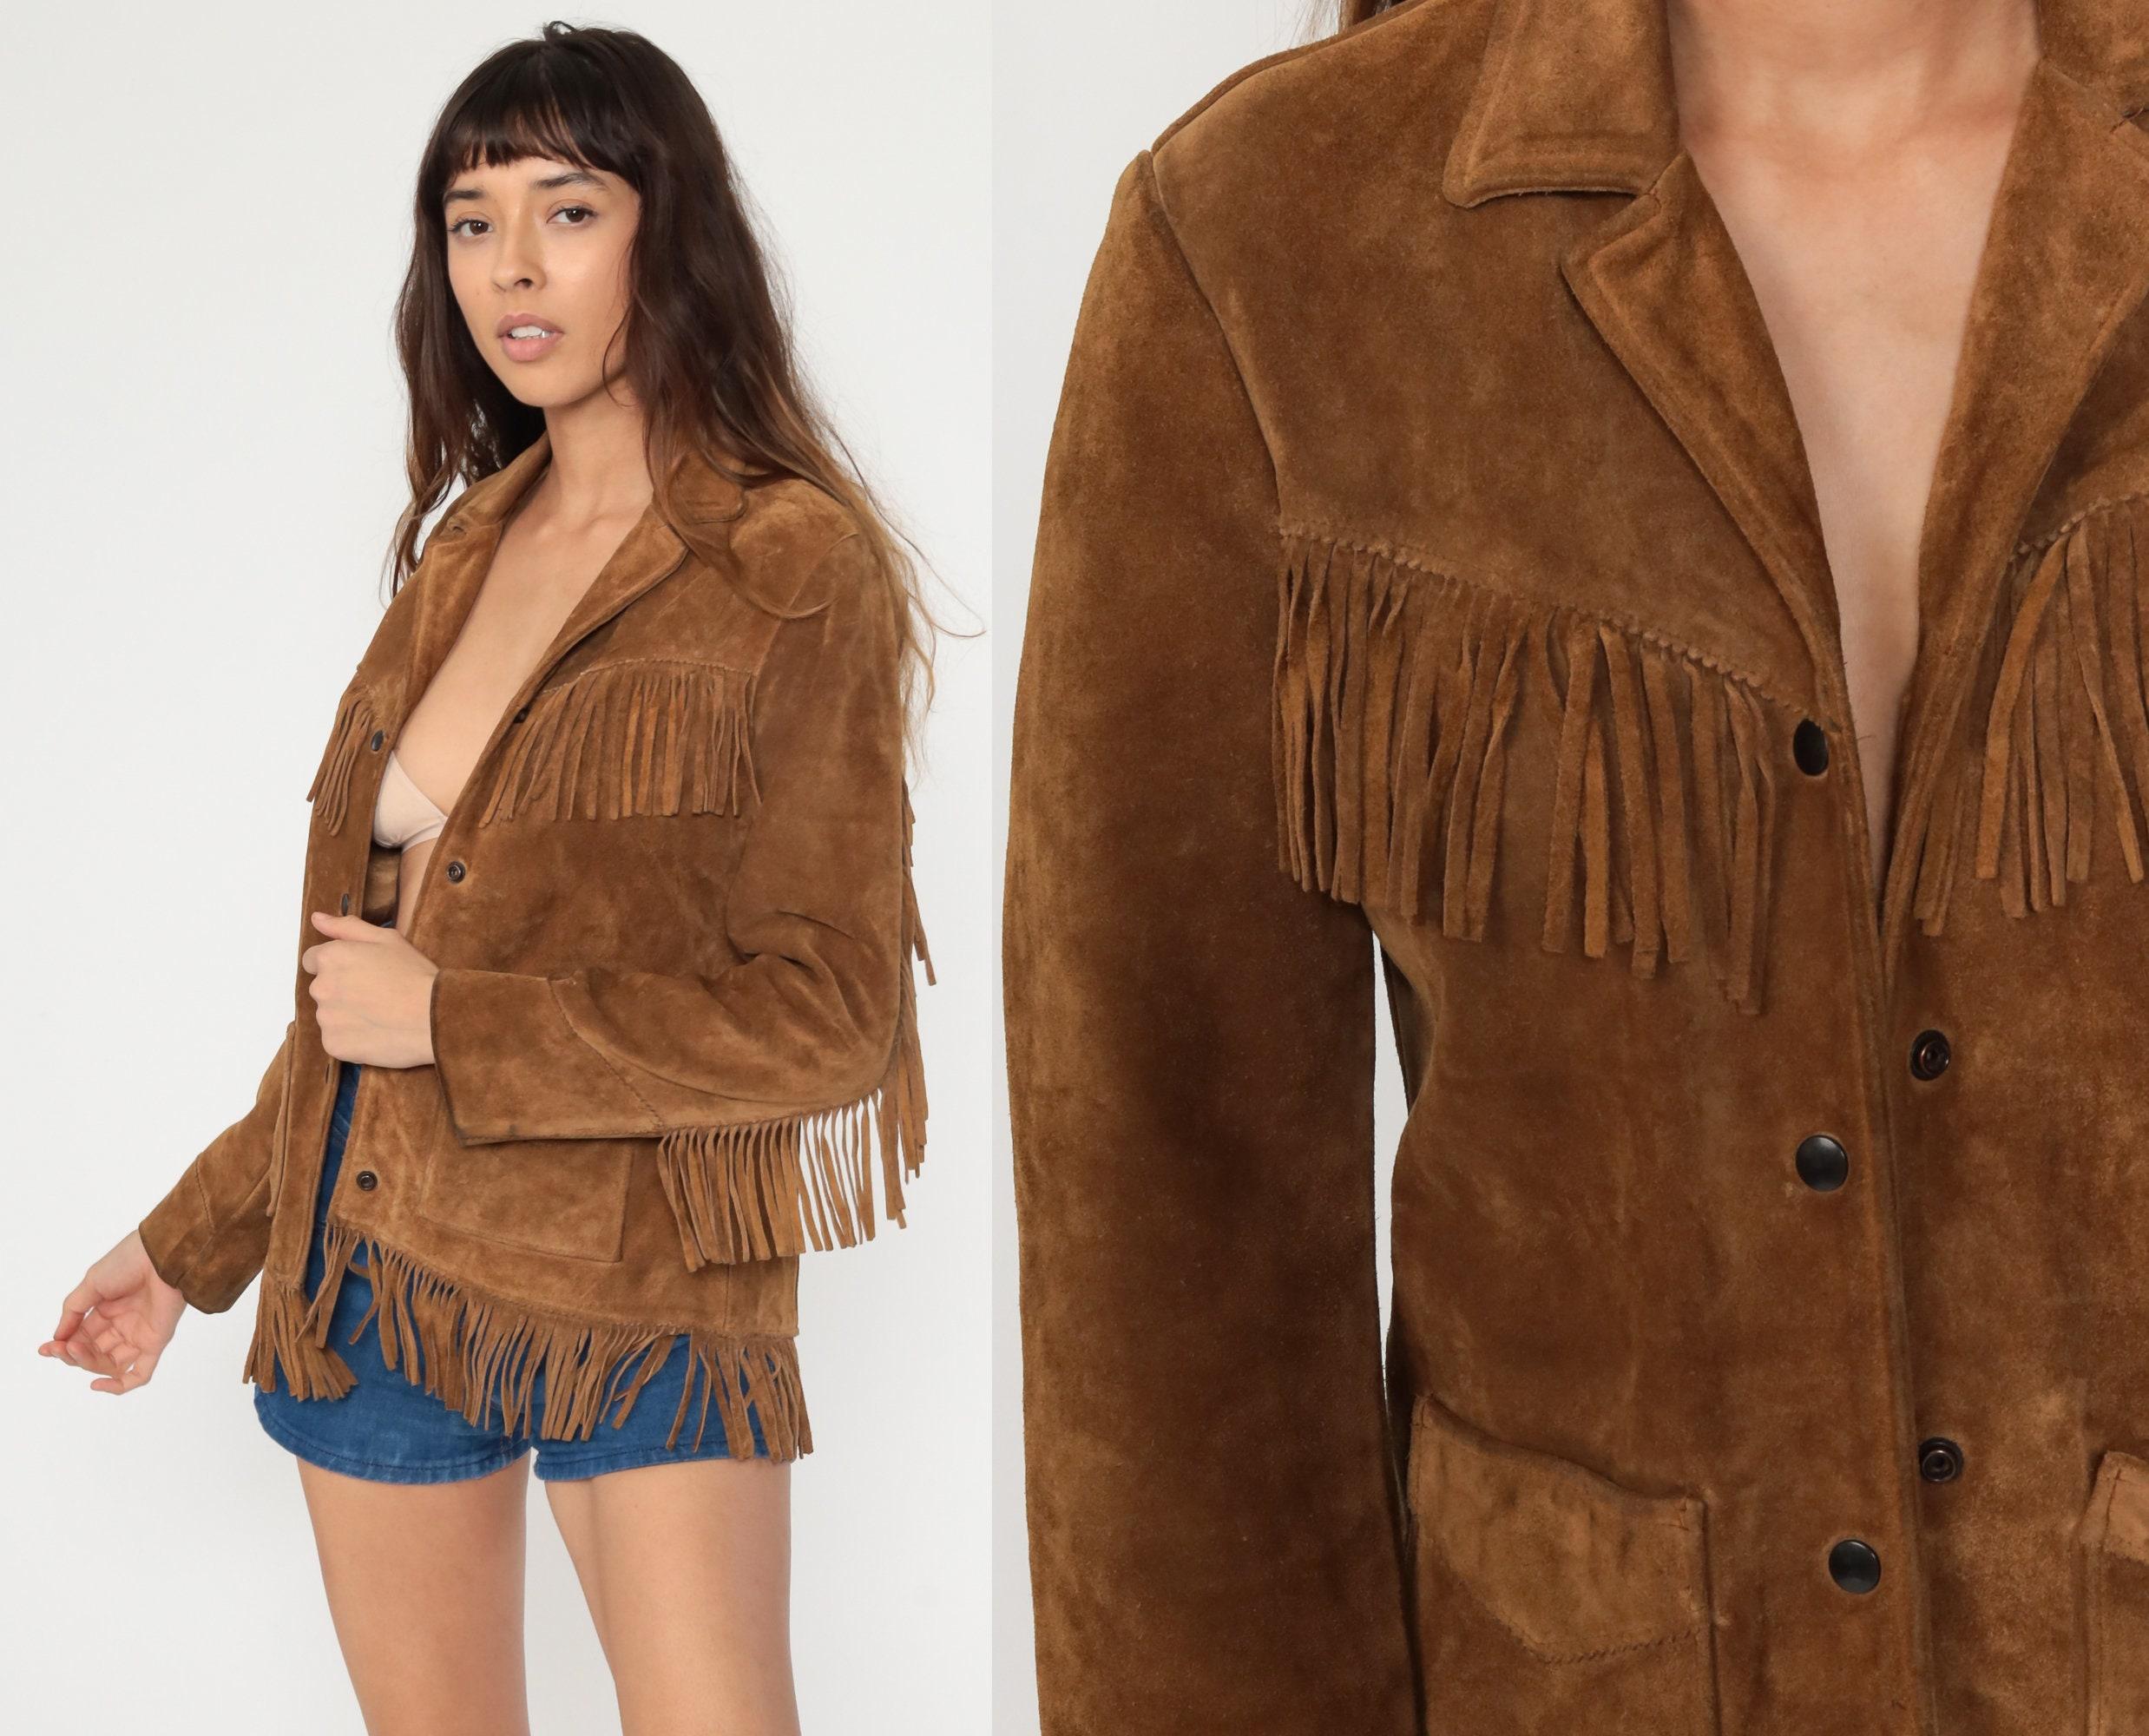 Leather Fringe Jacket,Black Suede Jacket,Boho Fringe Coat,Bohemian Blazer Jacket,Festival Jacket,Hippie Coat,Hippy,70s Coat,leather fringe